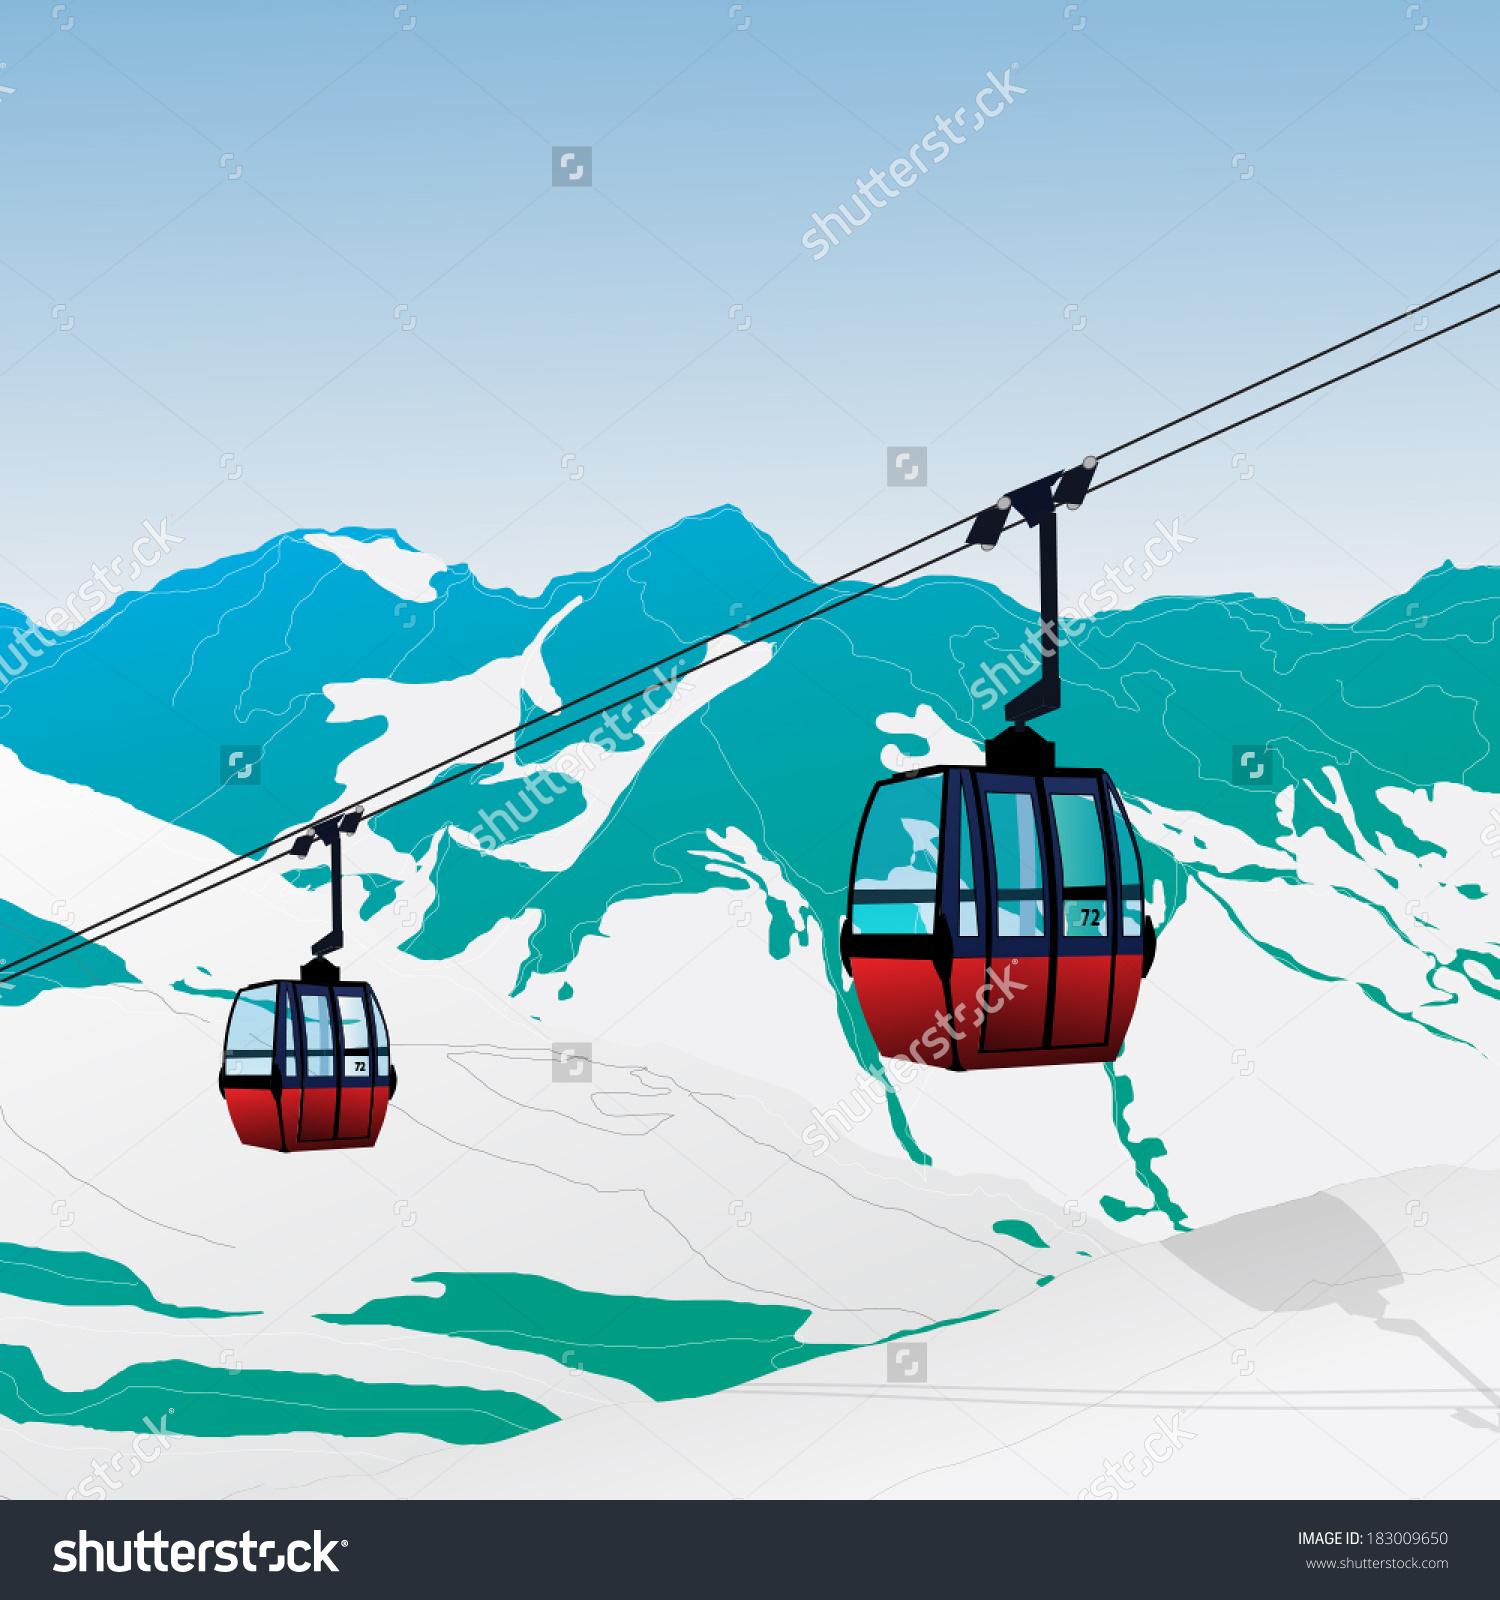 Ski Lift Gondola Snow Mountains Vector Stock Vector 183009650.